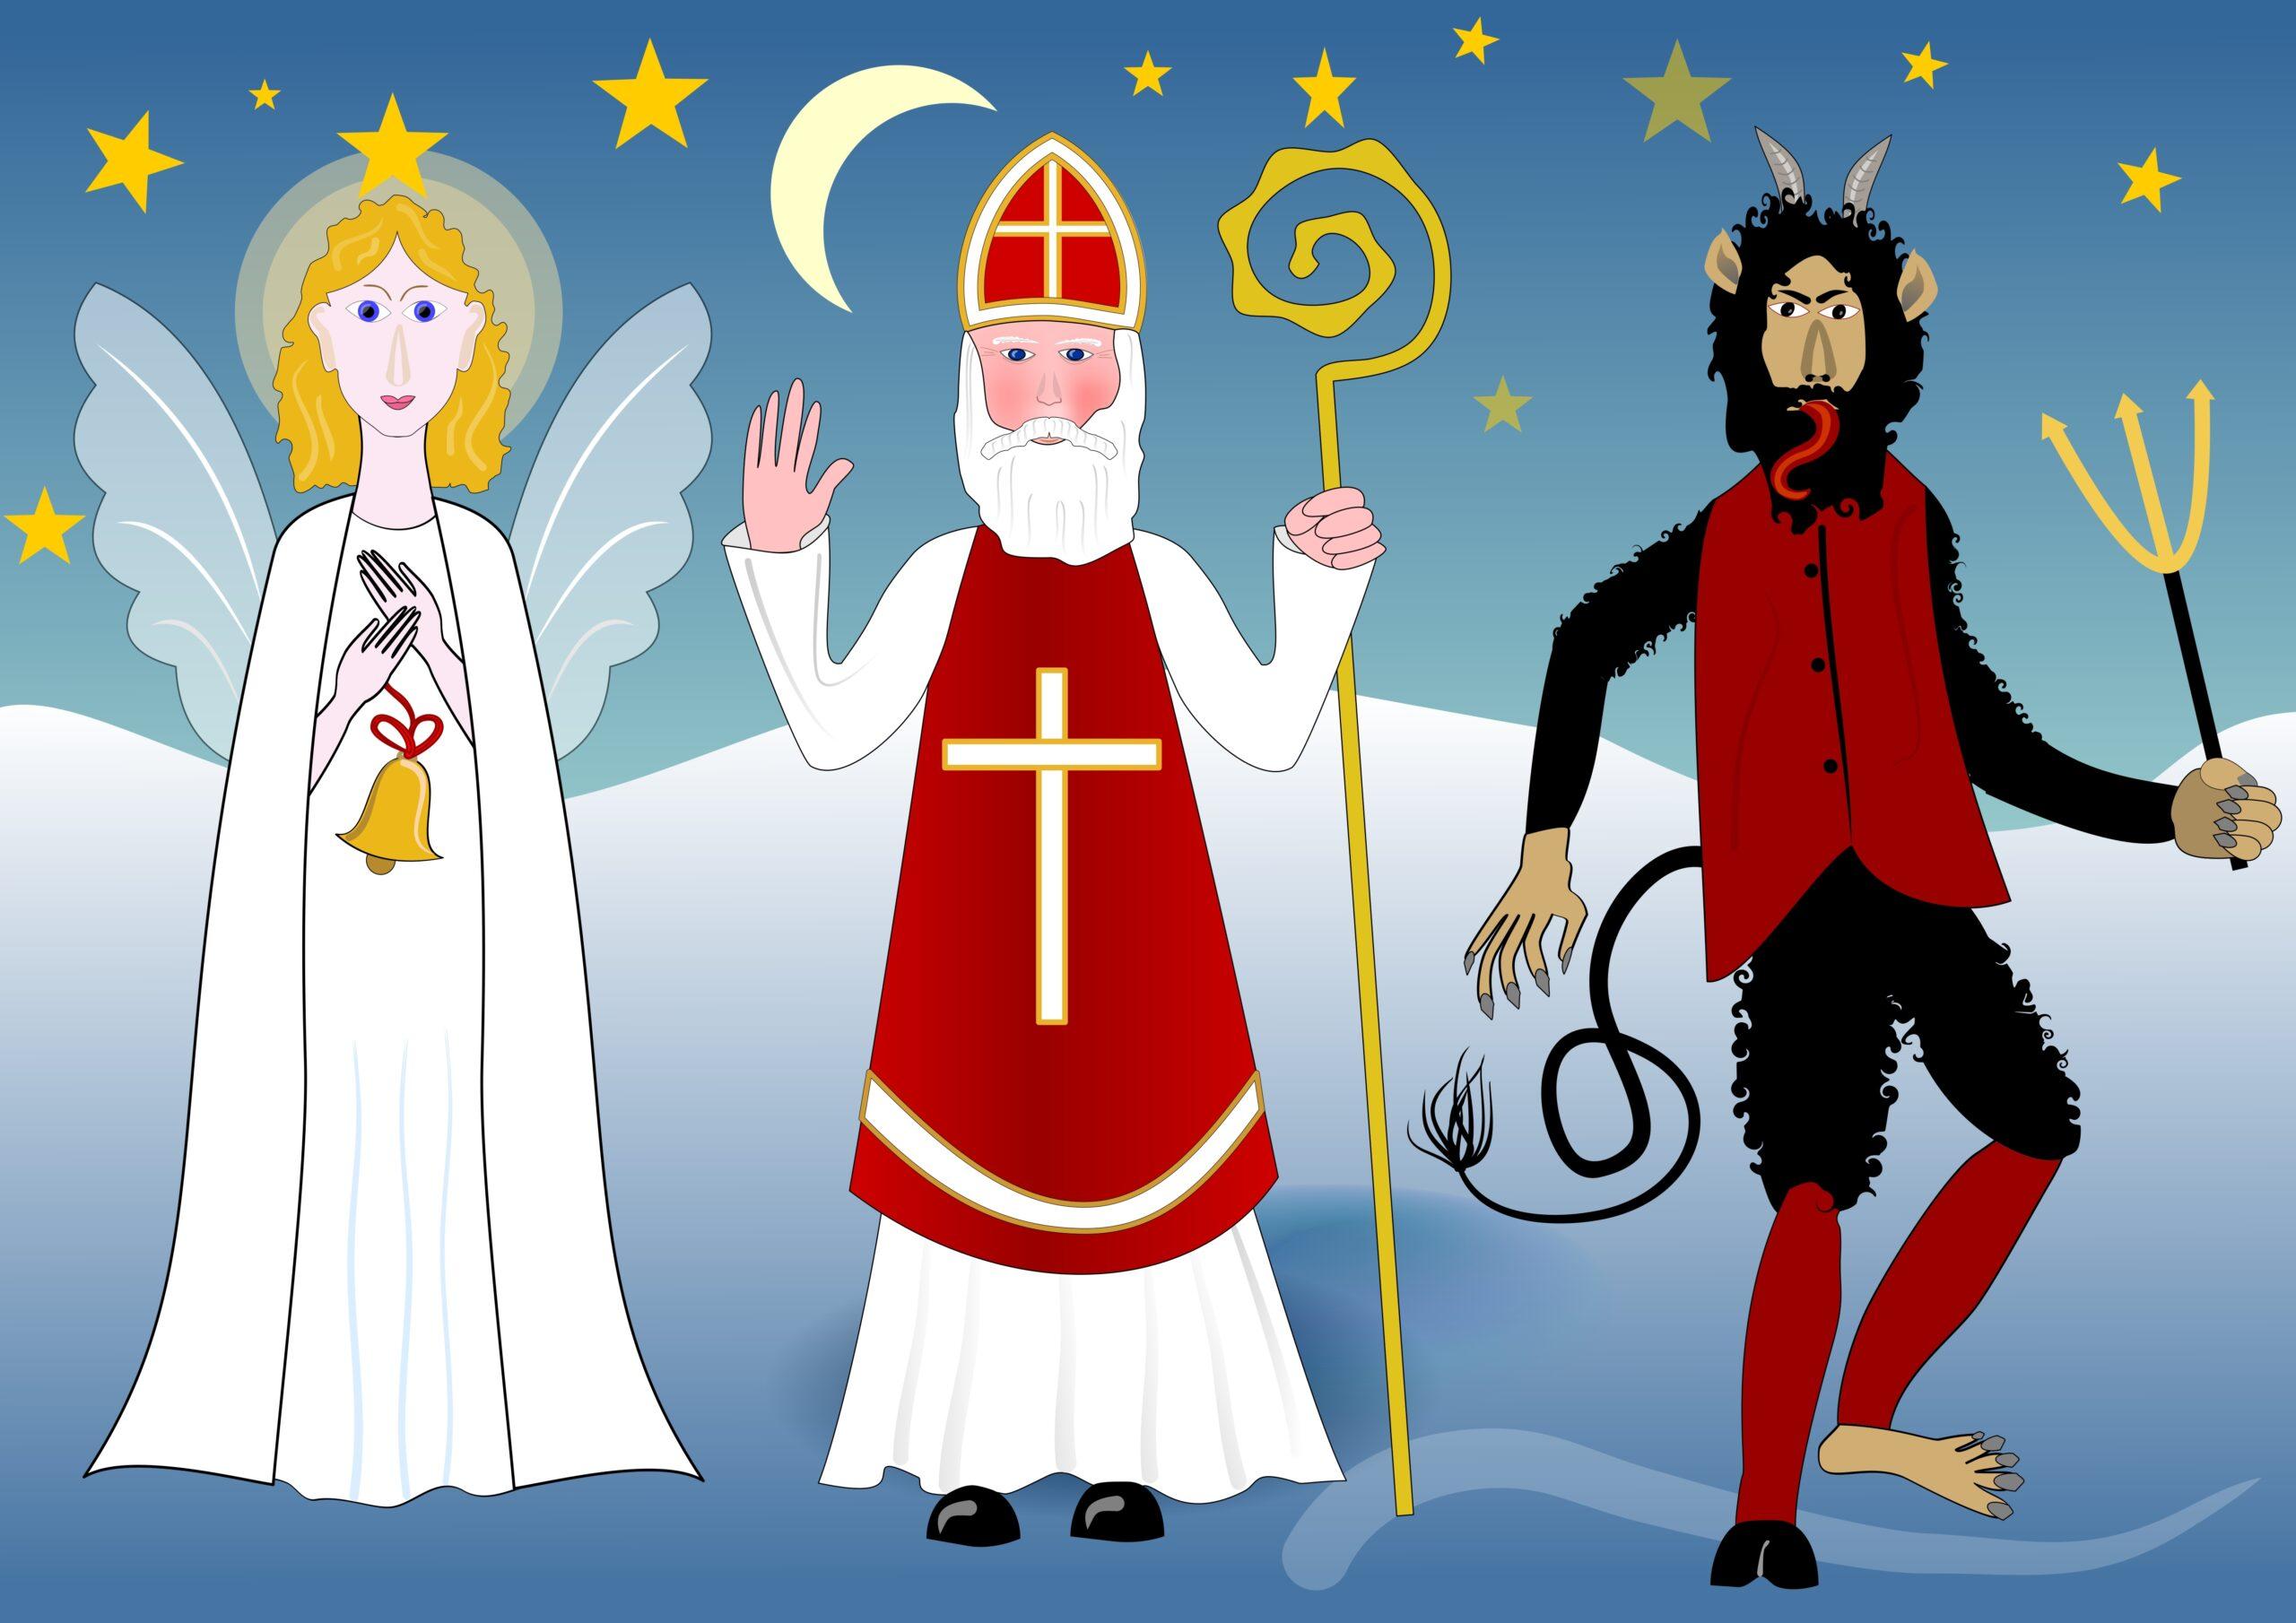 Кто сопровождает Святого Николая?.Вокруг Света. Украина